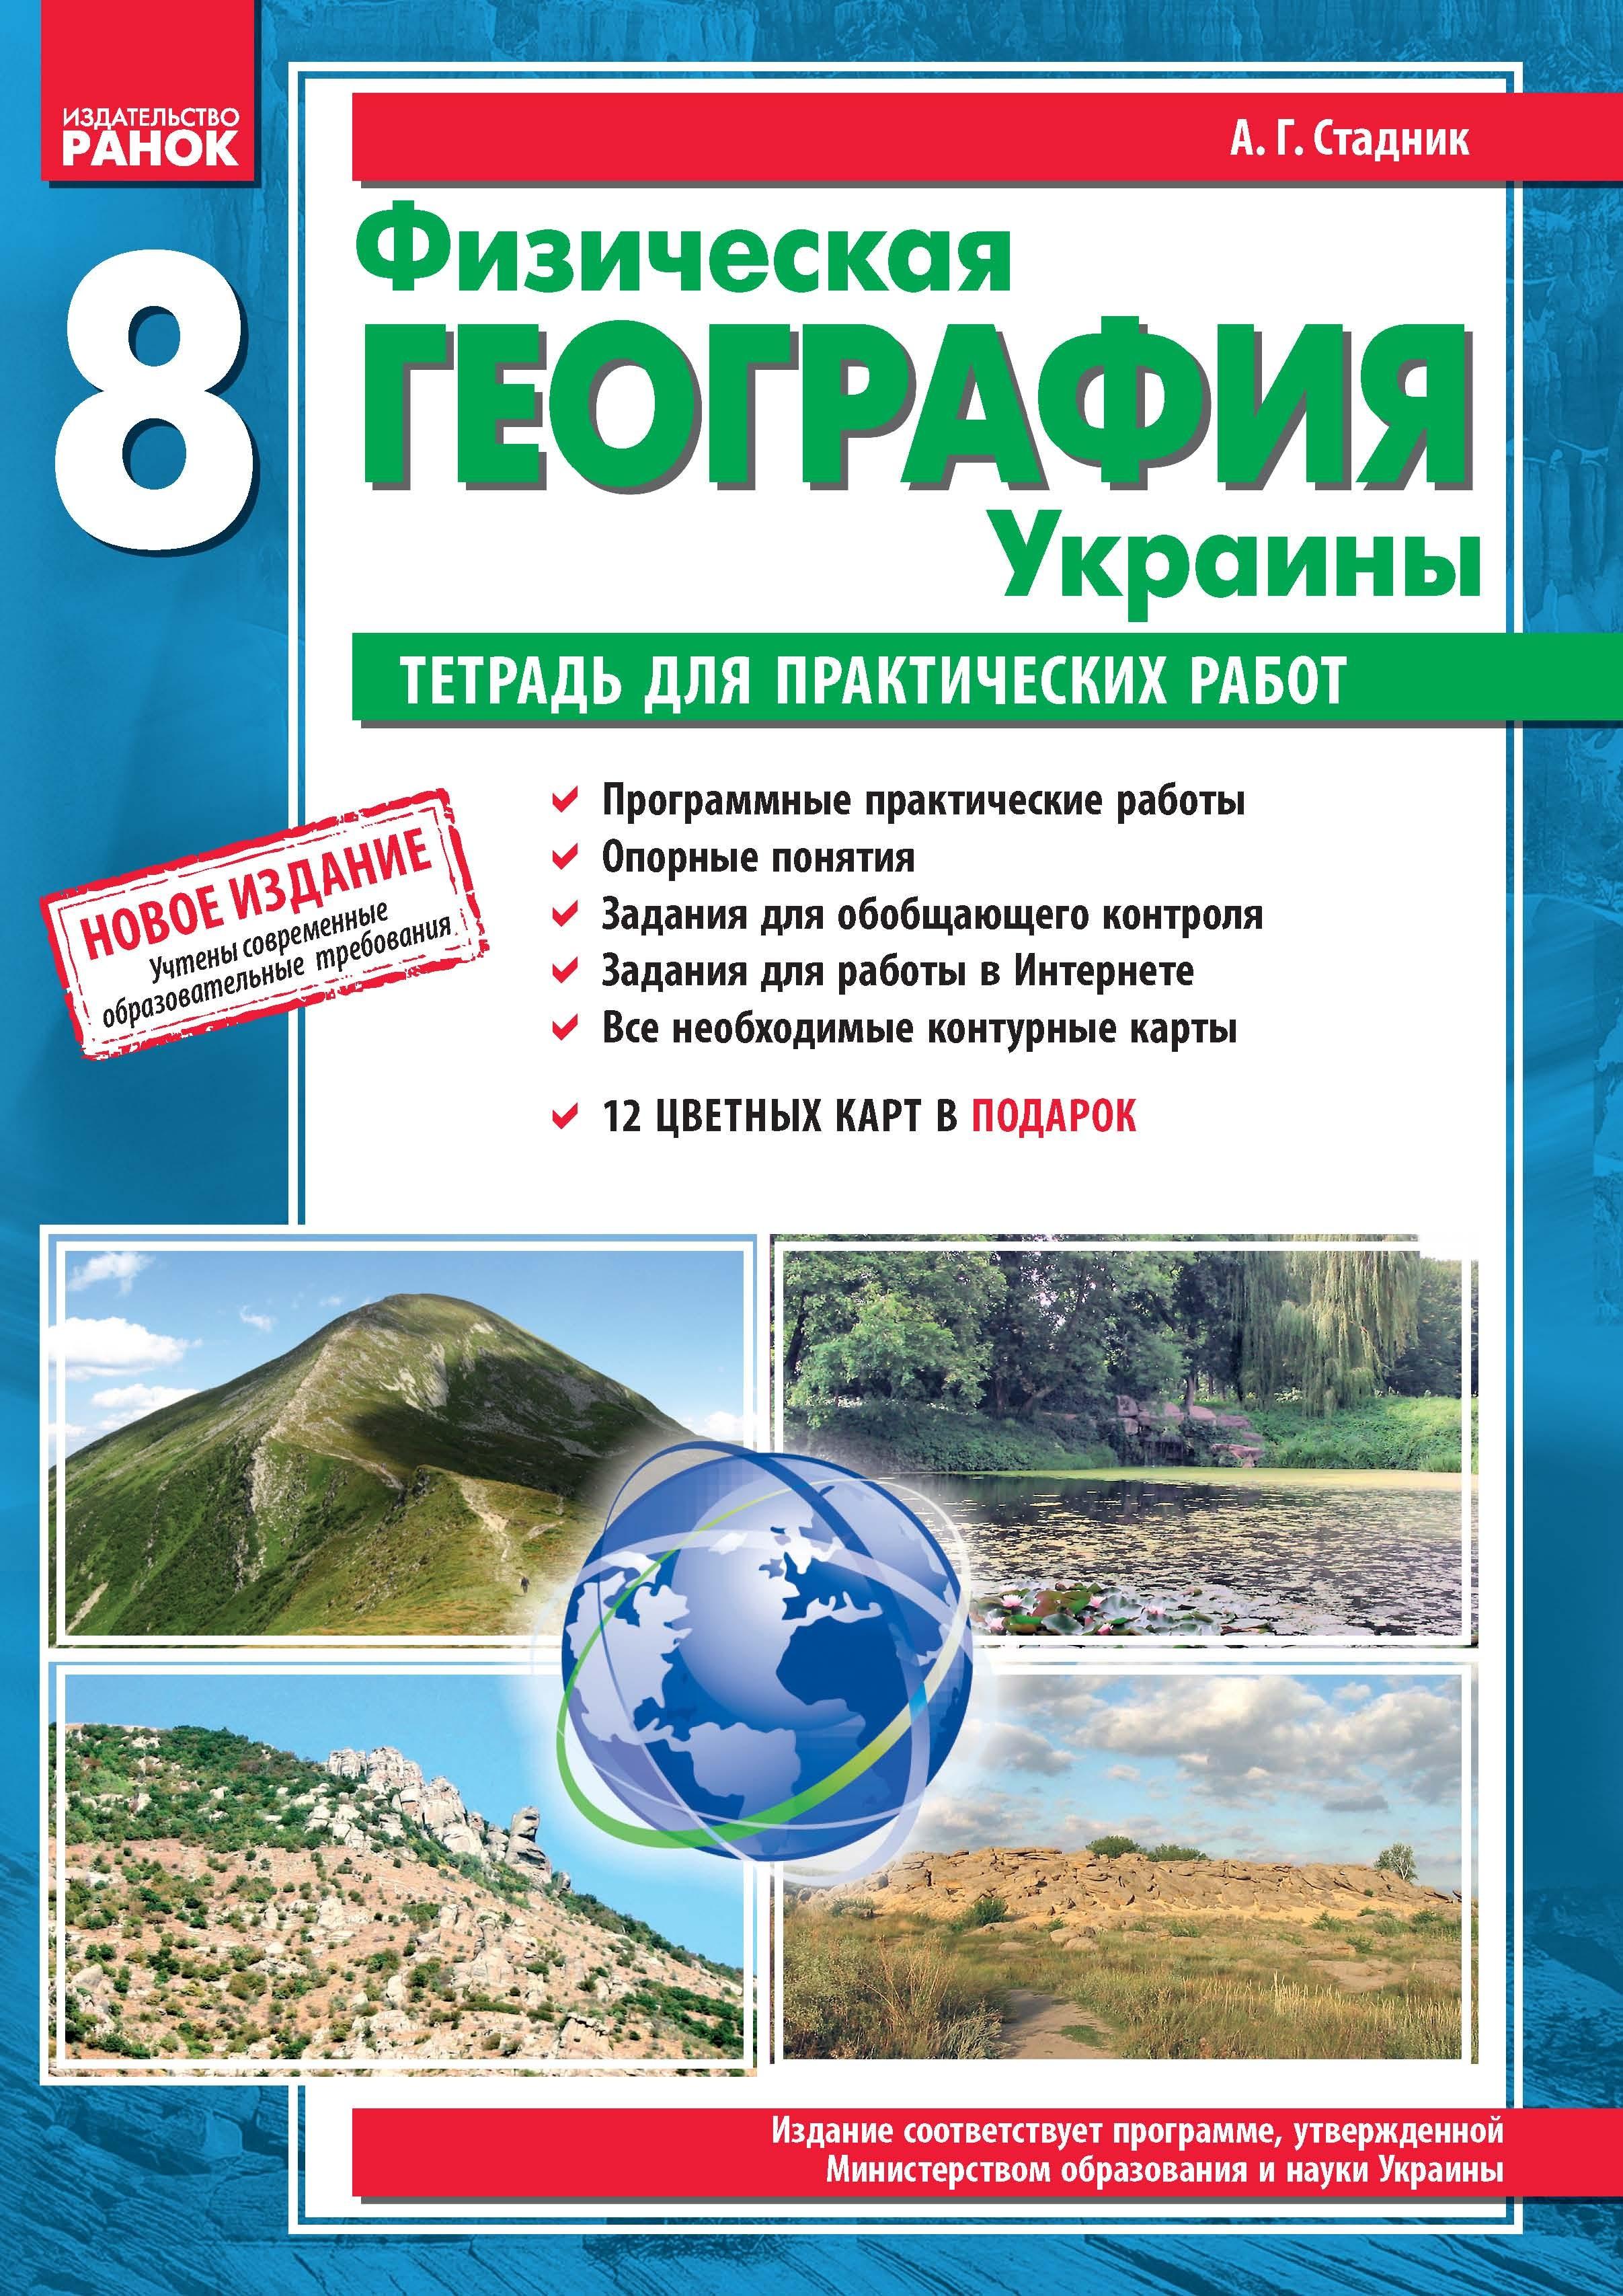 Практическая тетрадь по географии украины 8 класс